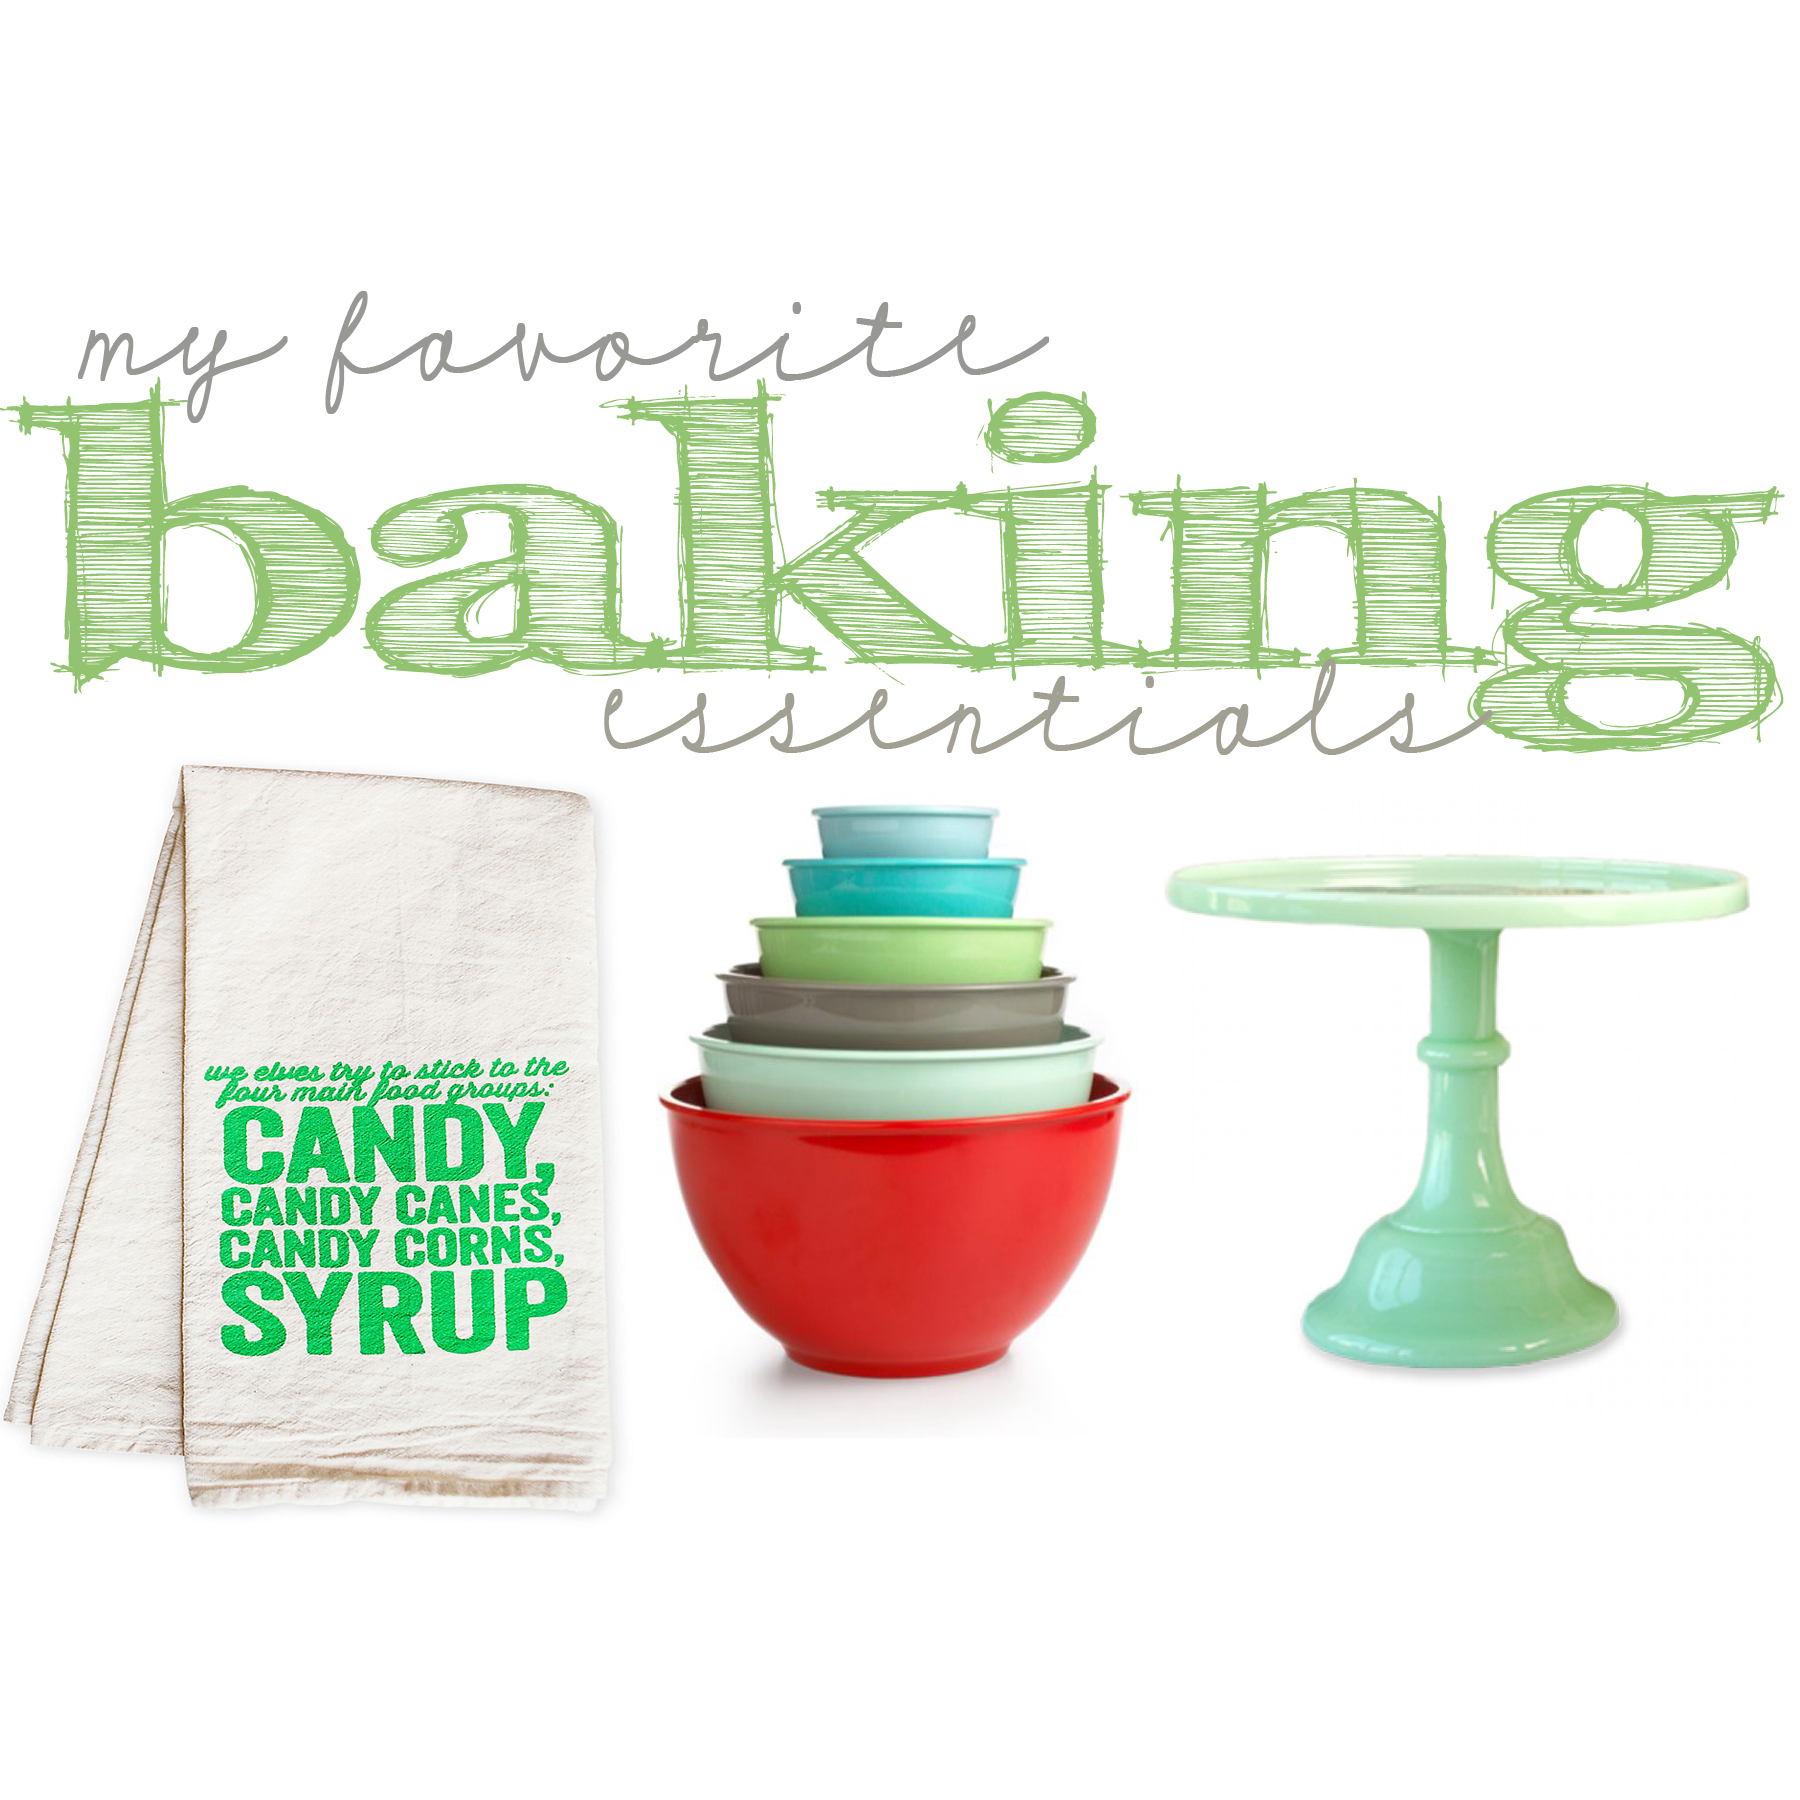 Friday Favorites: In the Kitchen Baking Essentials